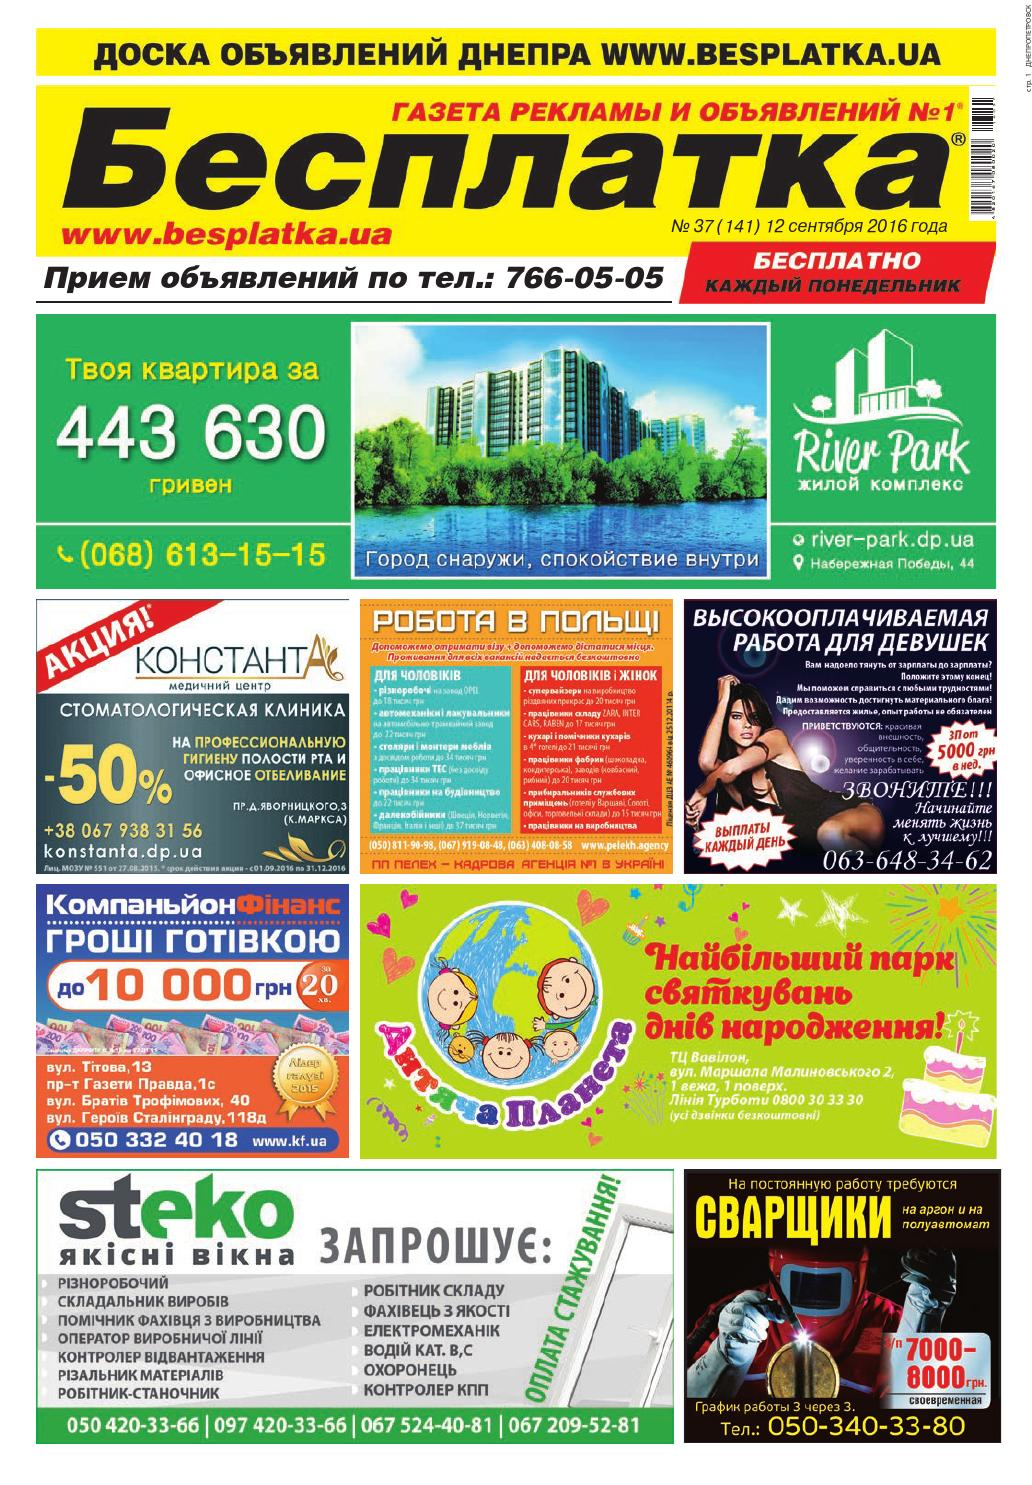 Предлагаем раскрутка сайтов москва, оптимизация сайта yandex 008/08 бесплатный хостинг php mysql ftp без рекламы